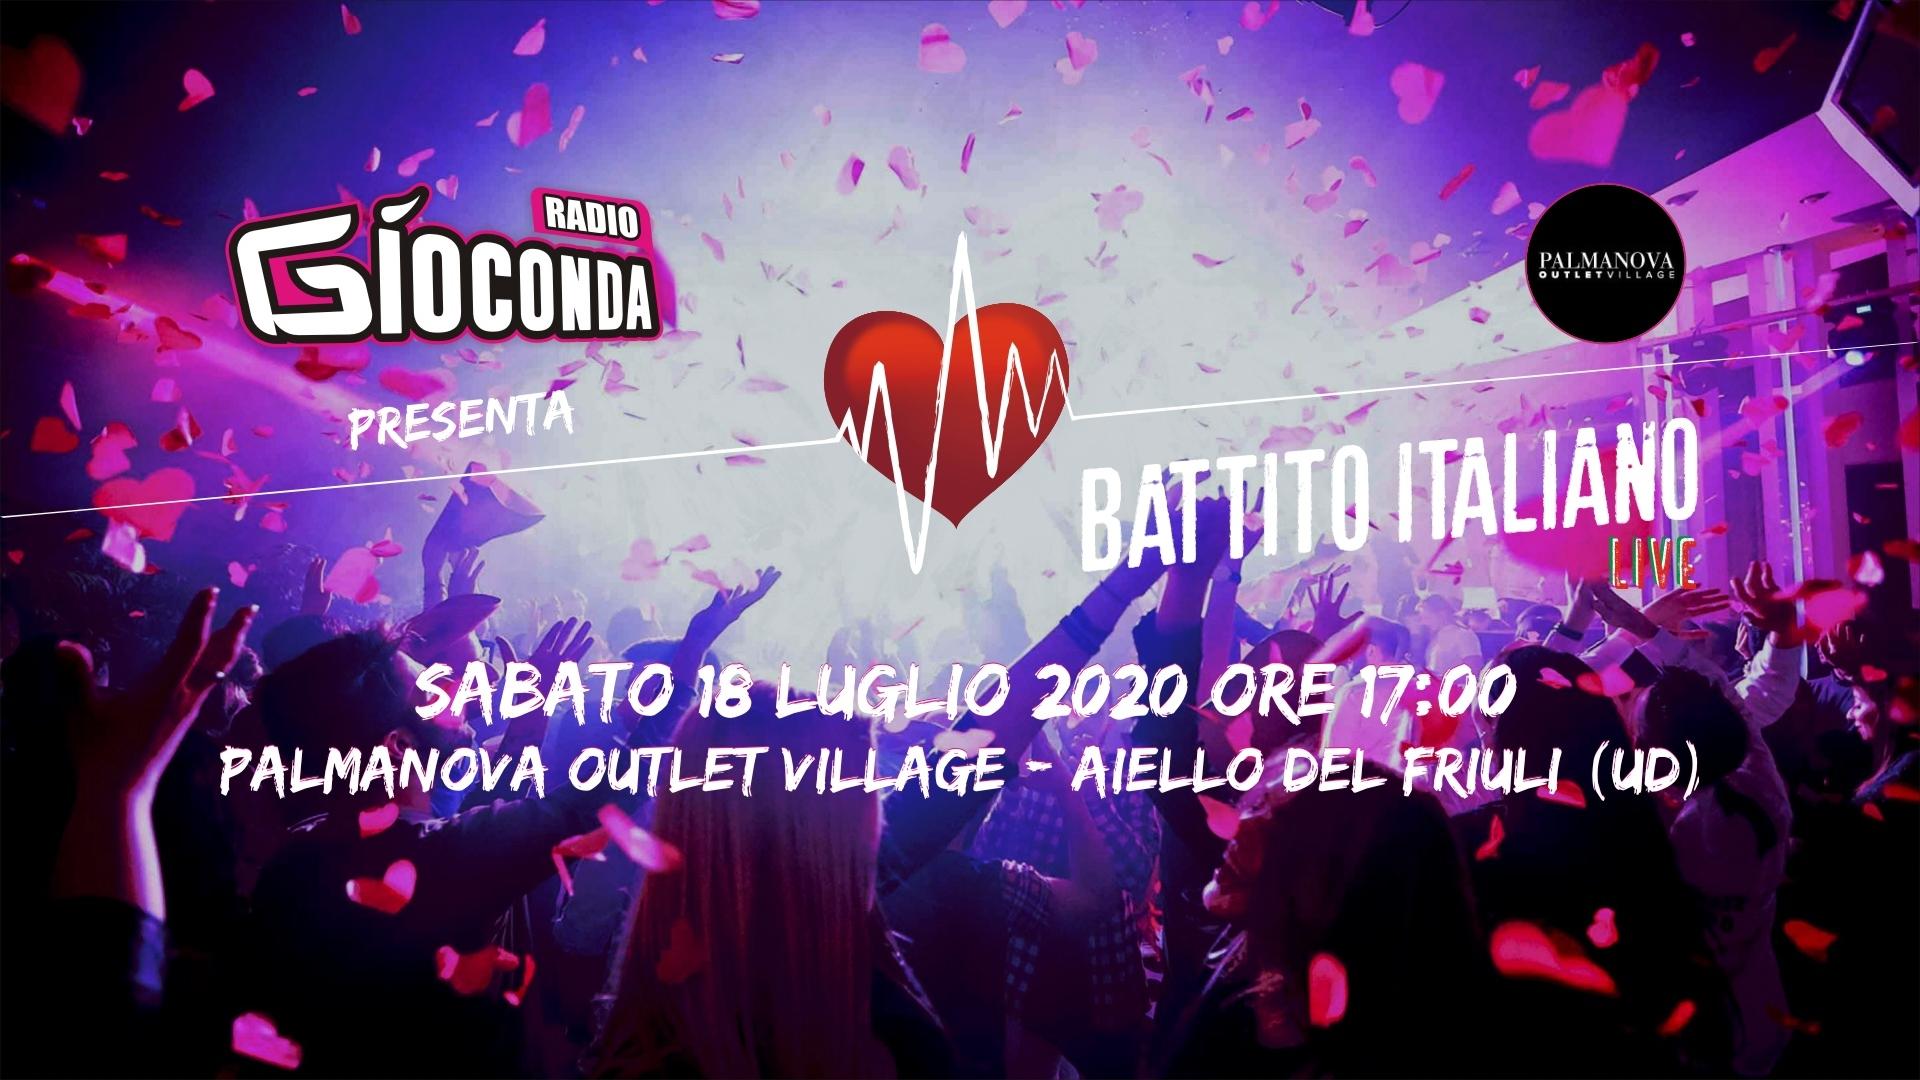 Battito Italiano Live dal Palmanova Outlet